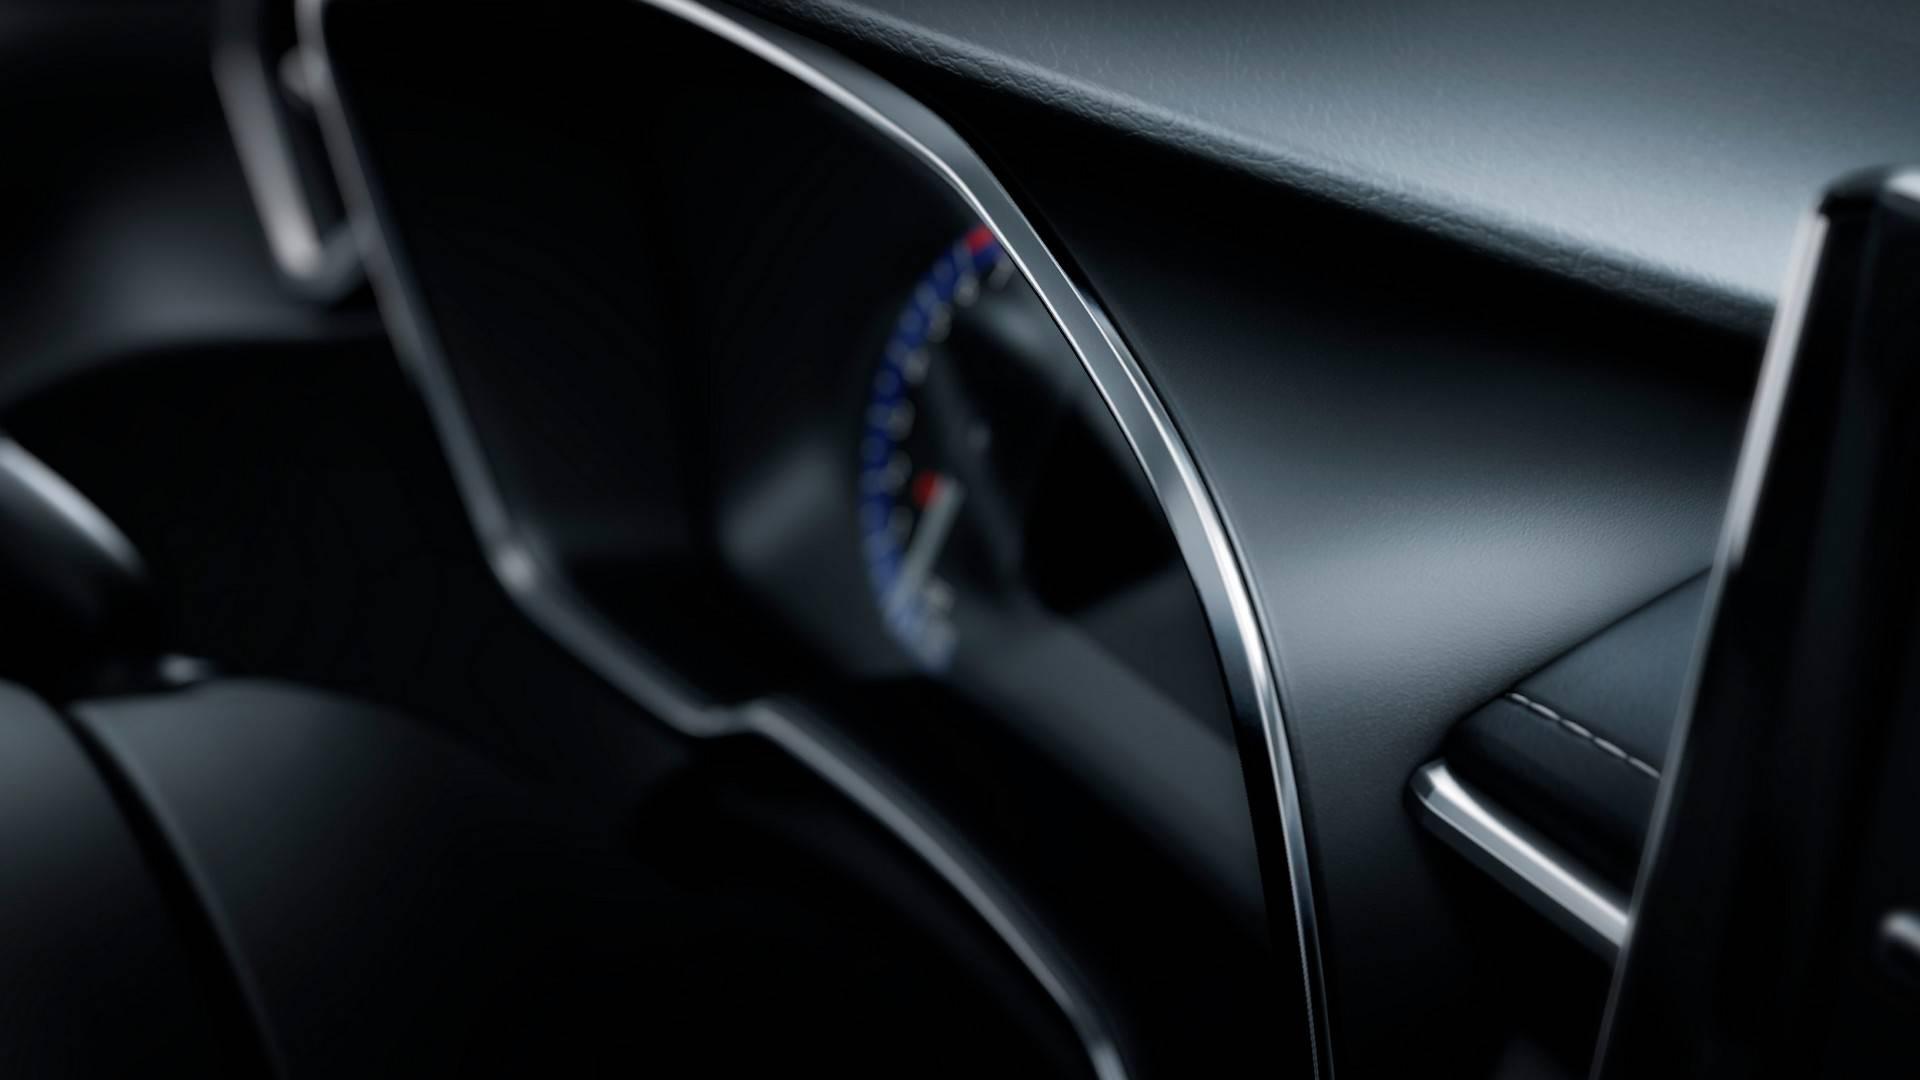 2019_Toyota_Corolla_Hatchback_0032